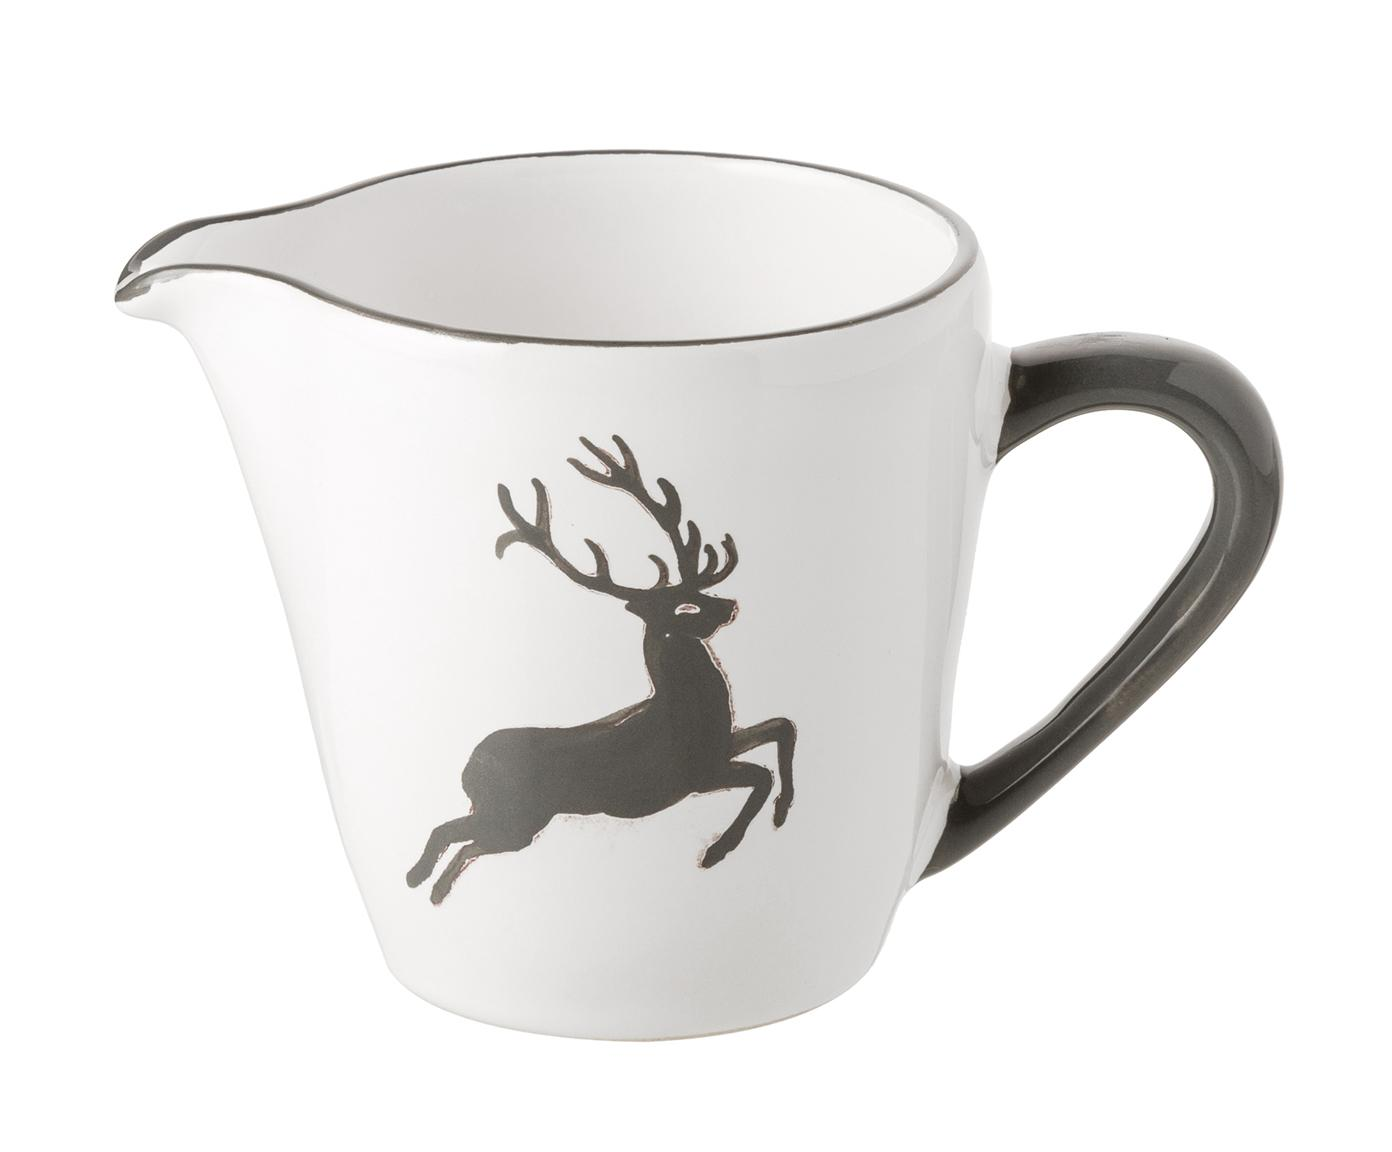 Milchgießer Gourmet Grauer Hirsch, Keramik, Grau,Weiß, 200 ml